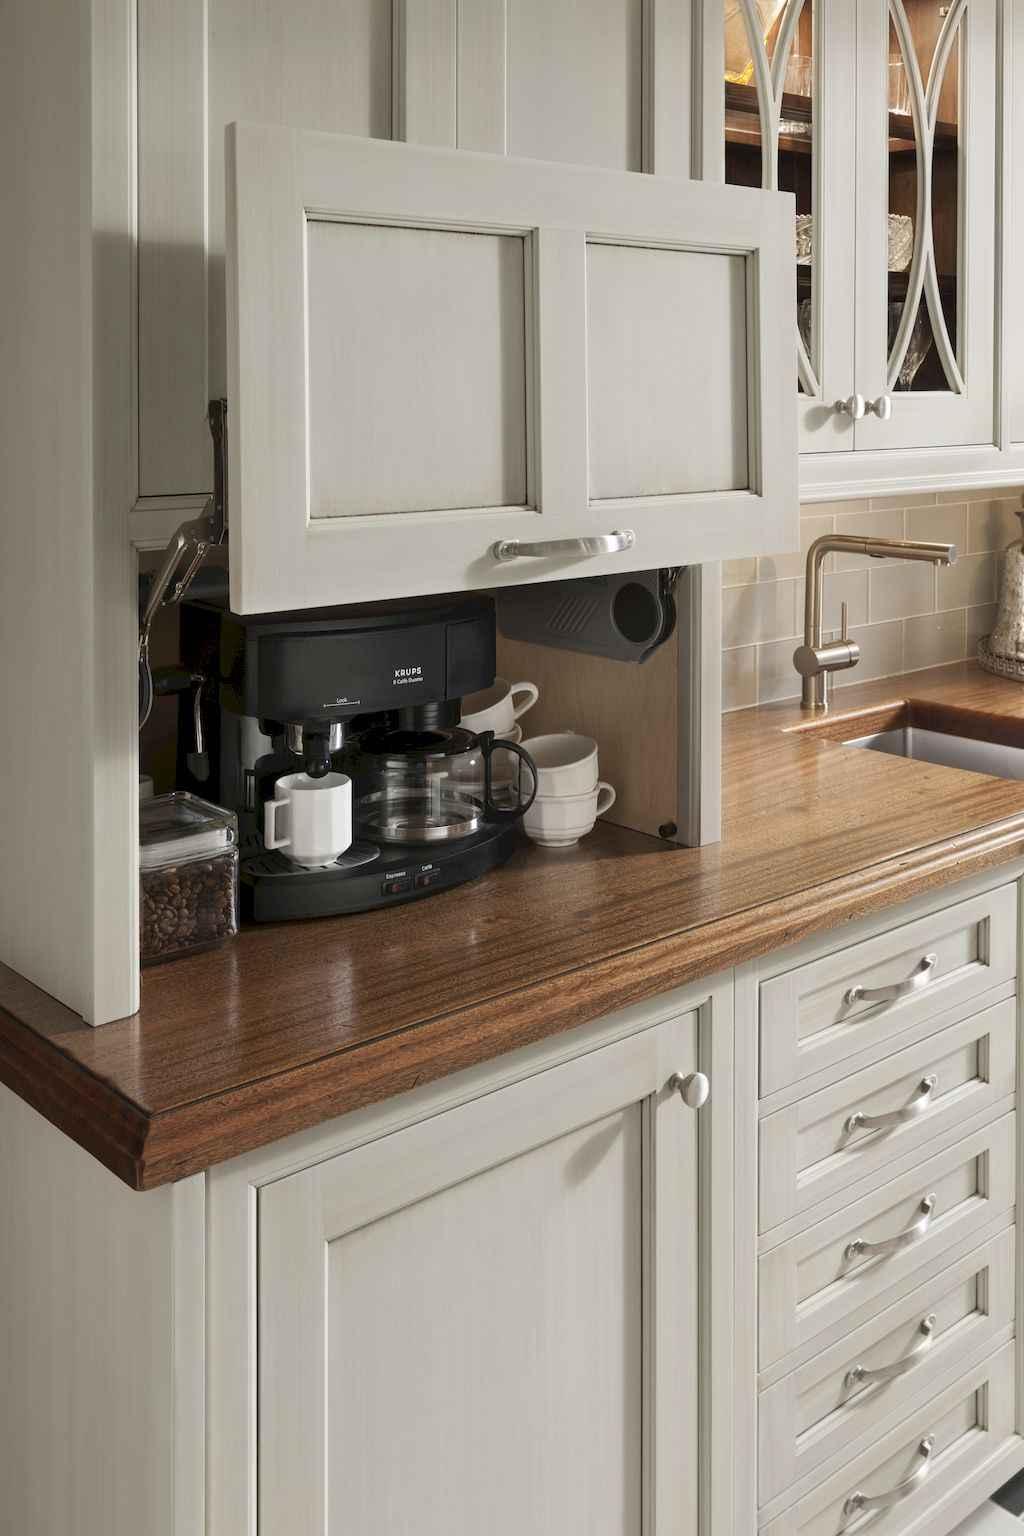 Ingenious hidden kitchen cabinet & storage solutions (30)